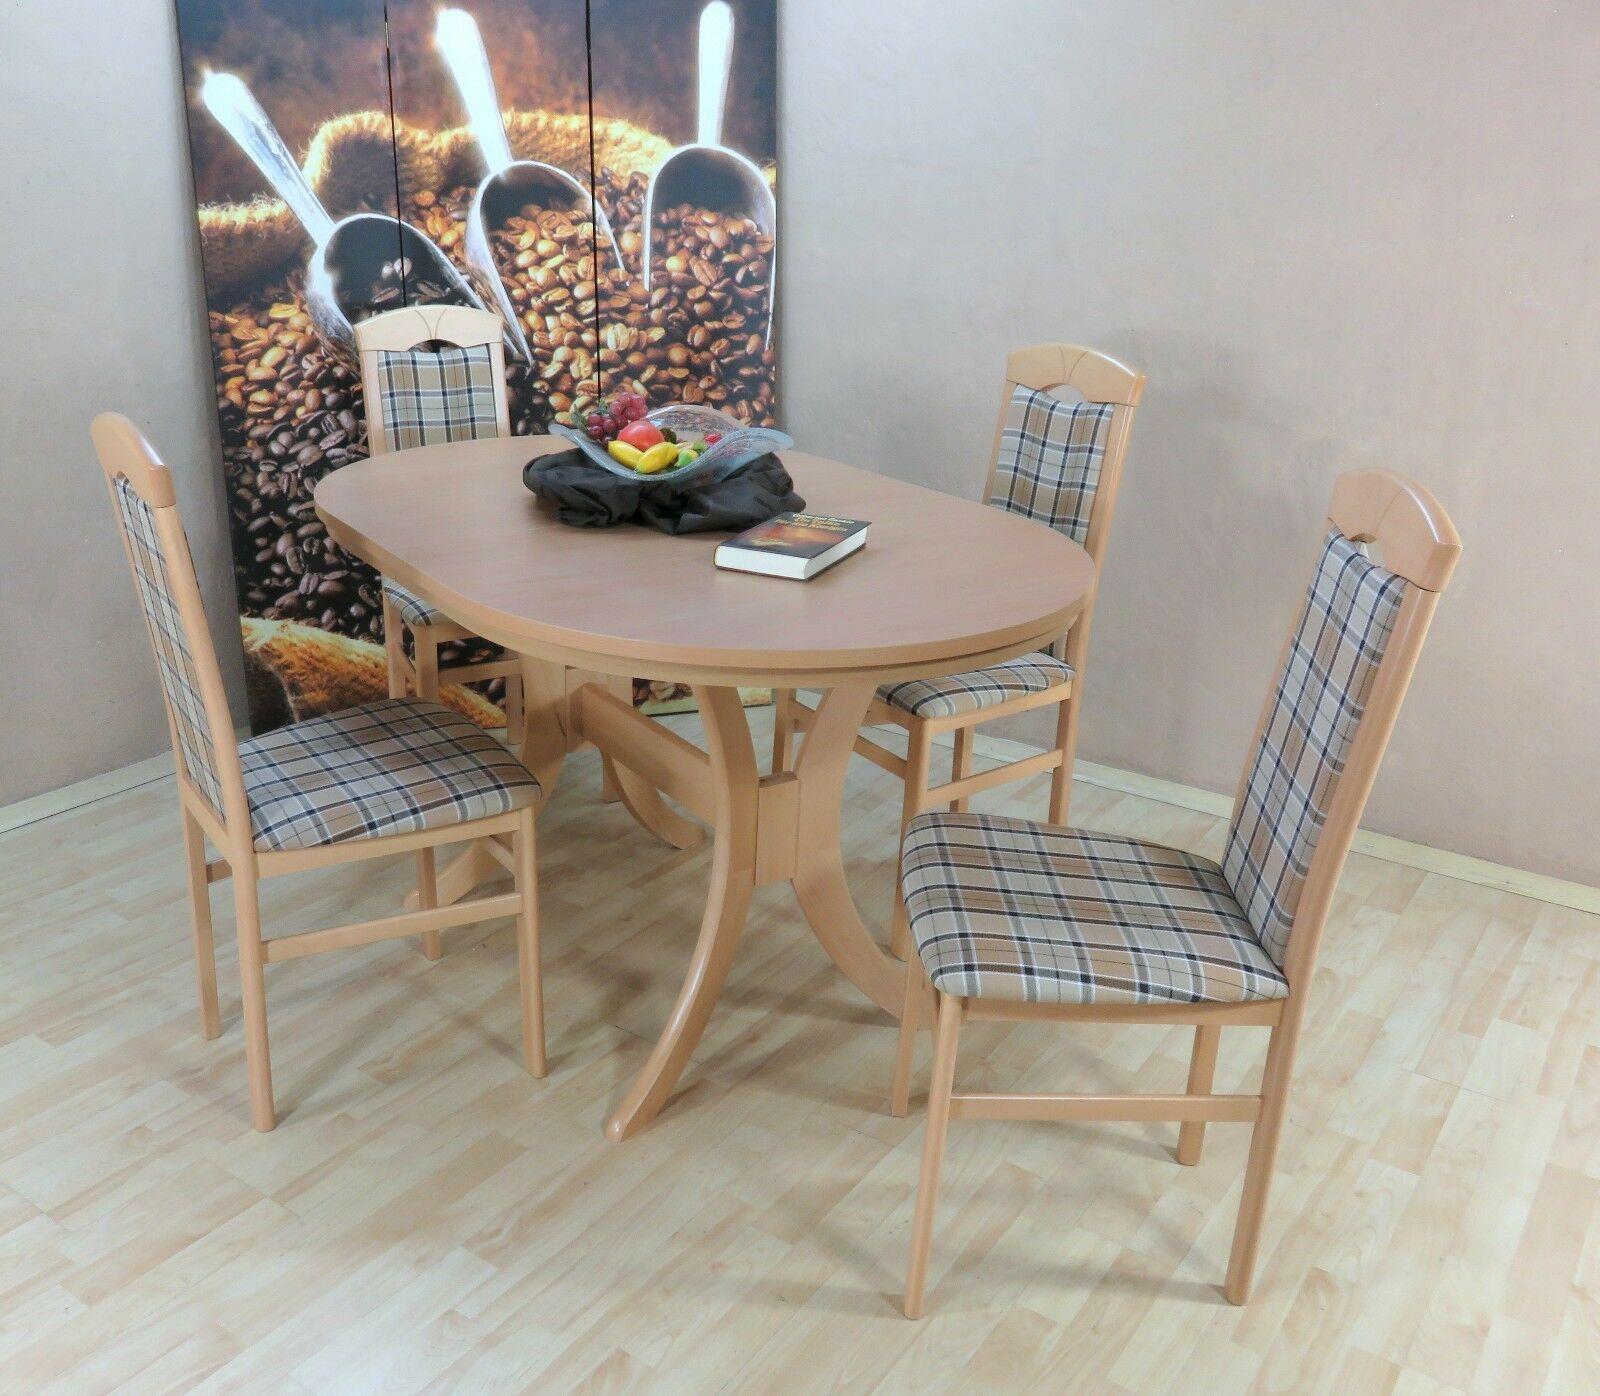 Tischgruppe Buche Natur Beige Braun Massiv 4 X Stühle Esstisch